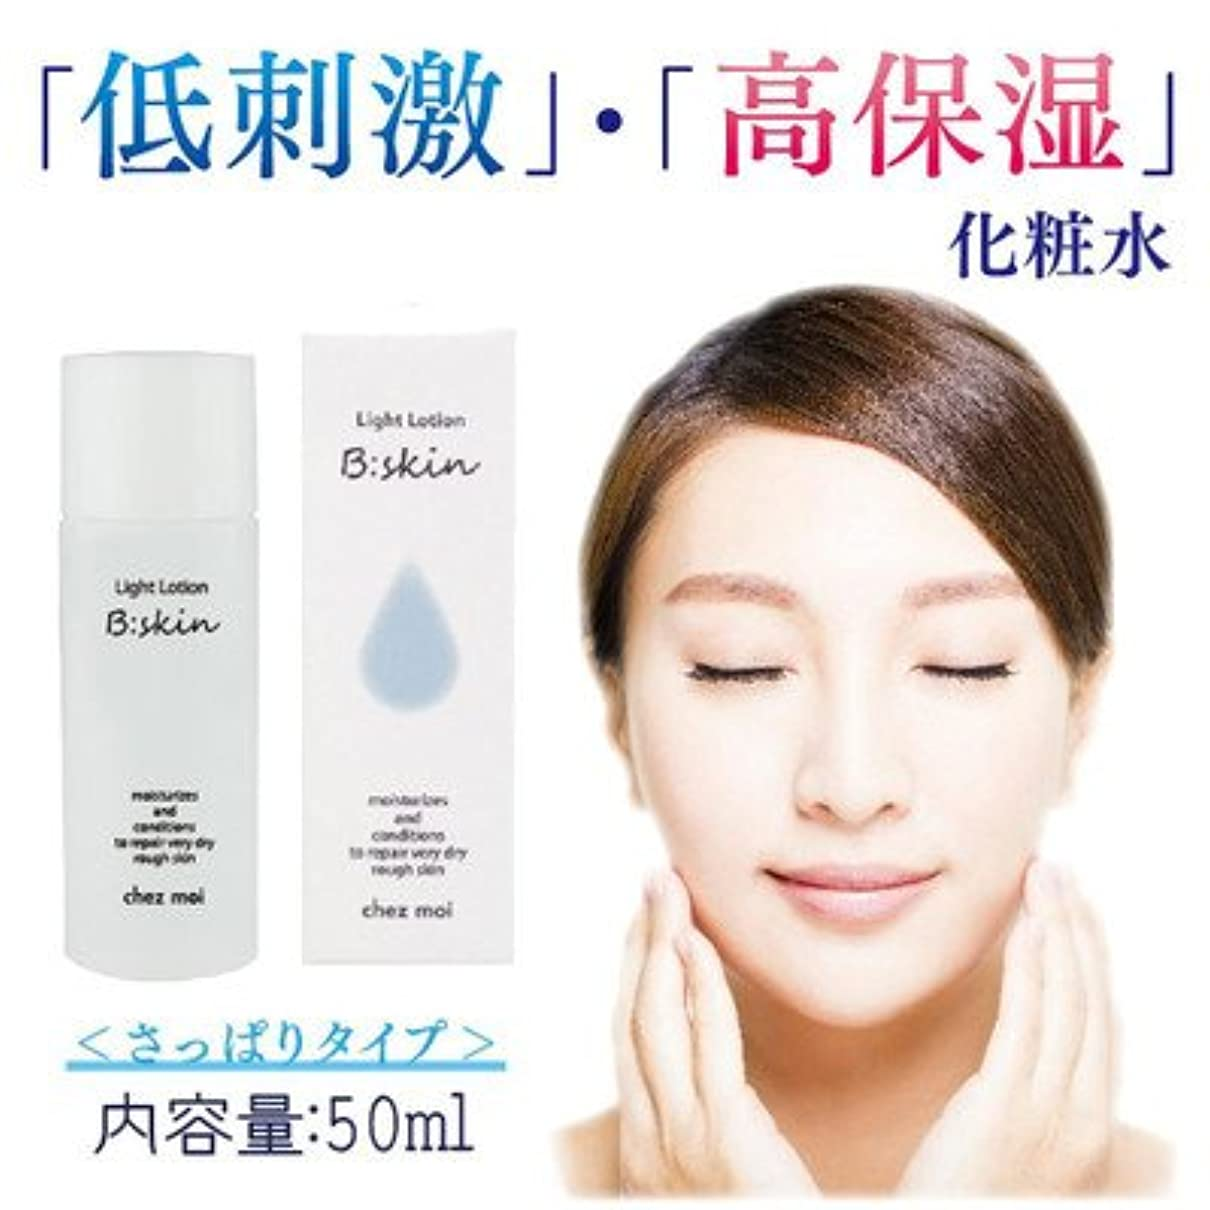 汚染された町懺悔低刺激 高保湿 さっぱりタイプの化粧水 B:skin ビースキン Light Lotion ライトローション さっぱりタイプ 化粧水 50mL